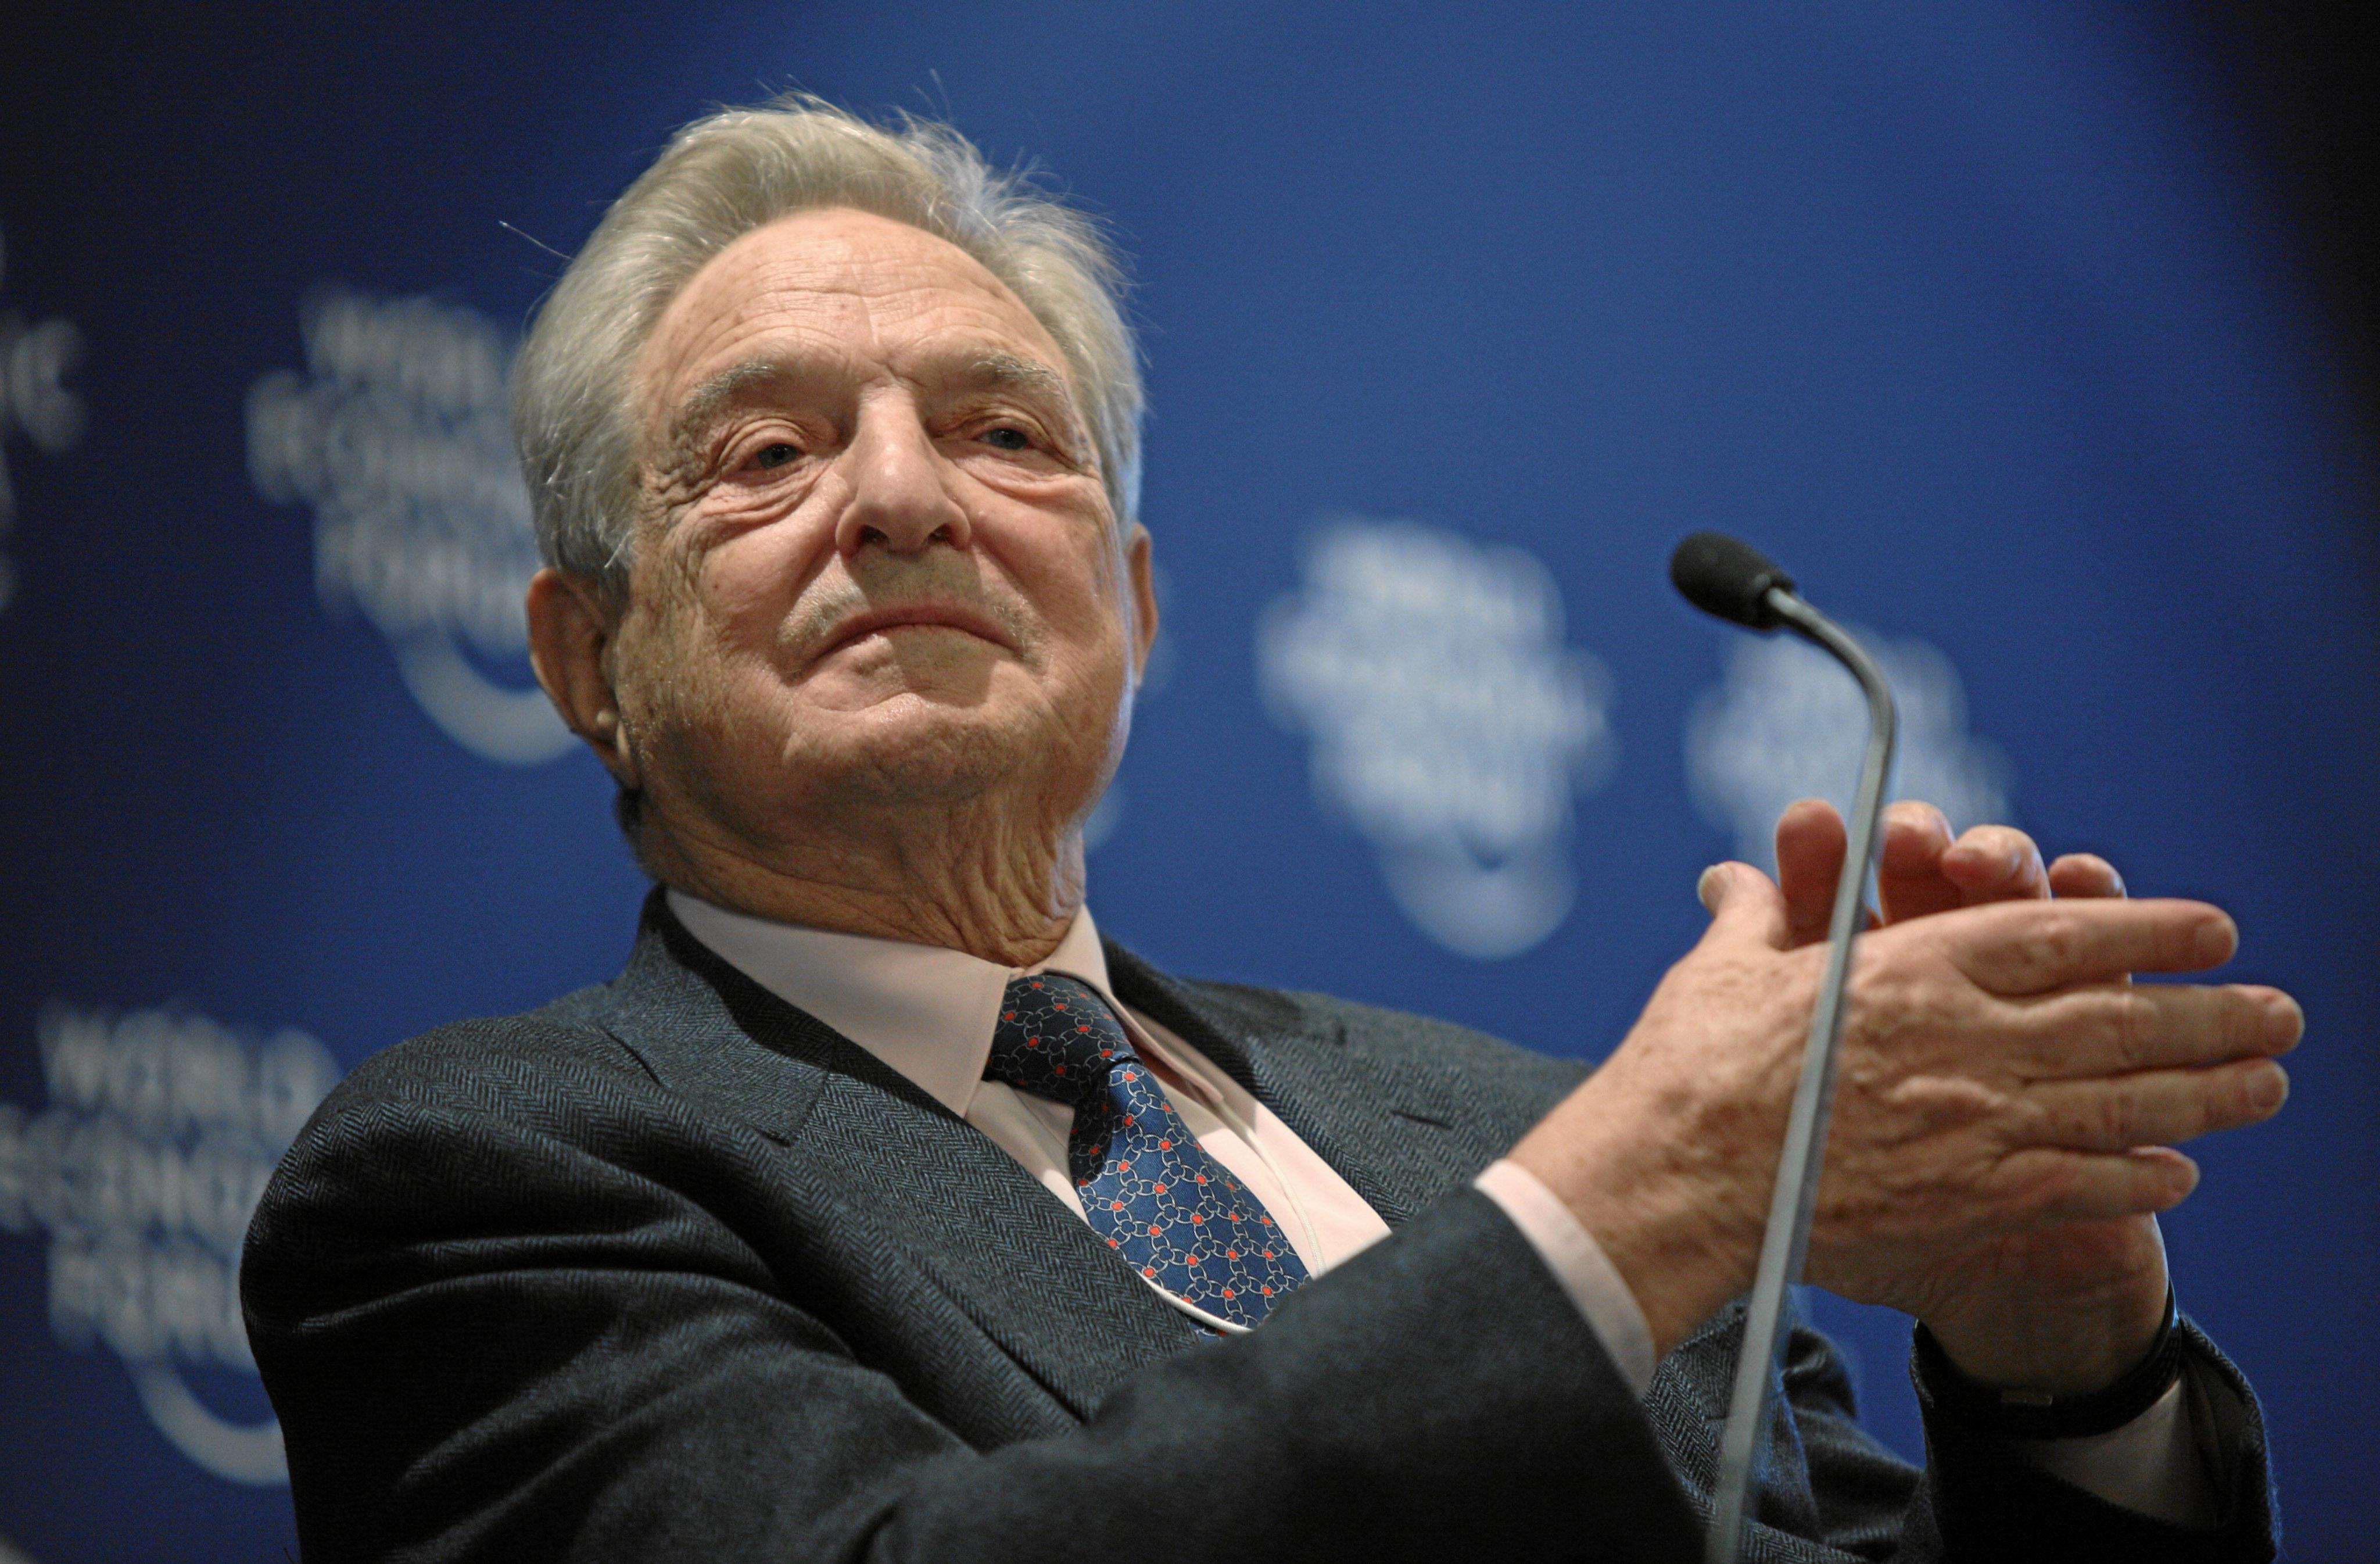 George Soros speaks to Croatian media